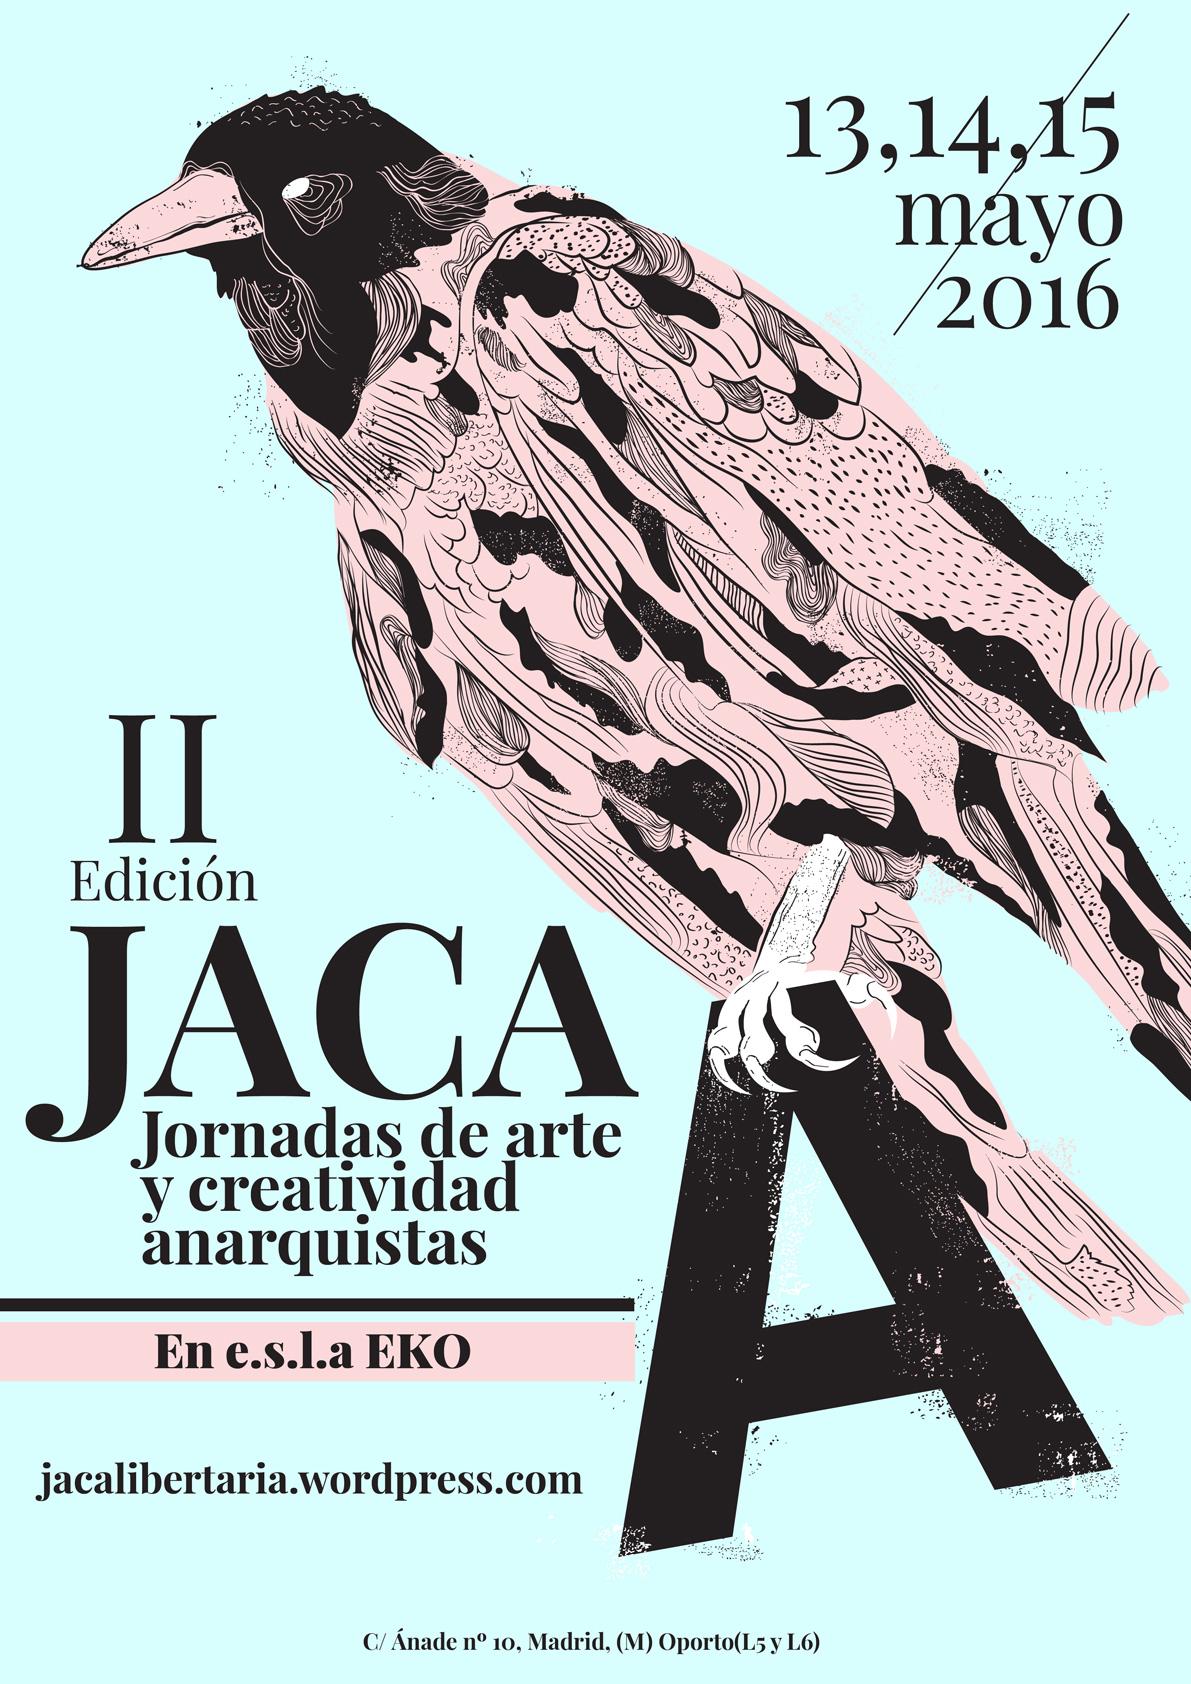 jaca libertaria 2016, ilustración, byron maher